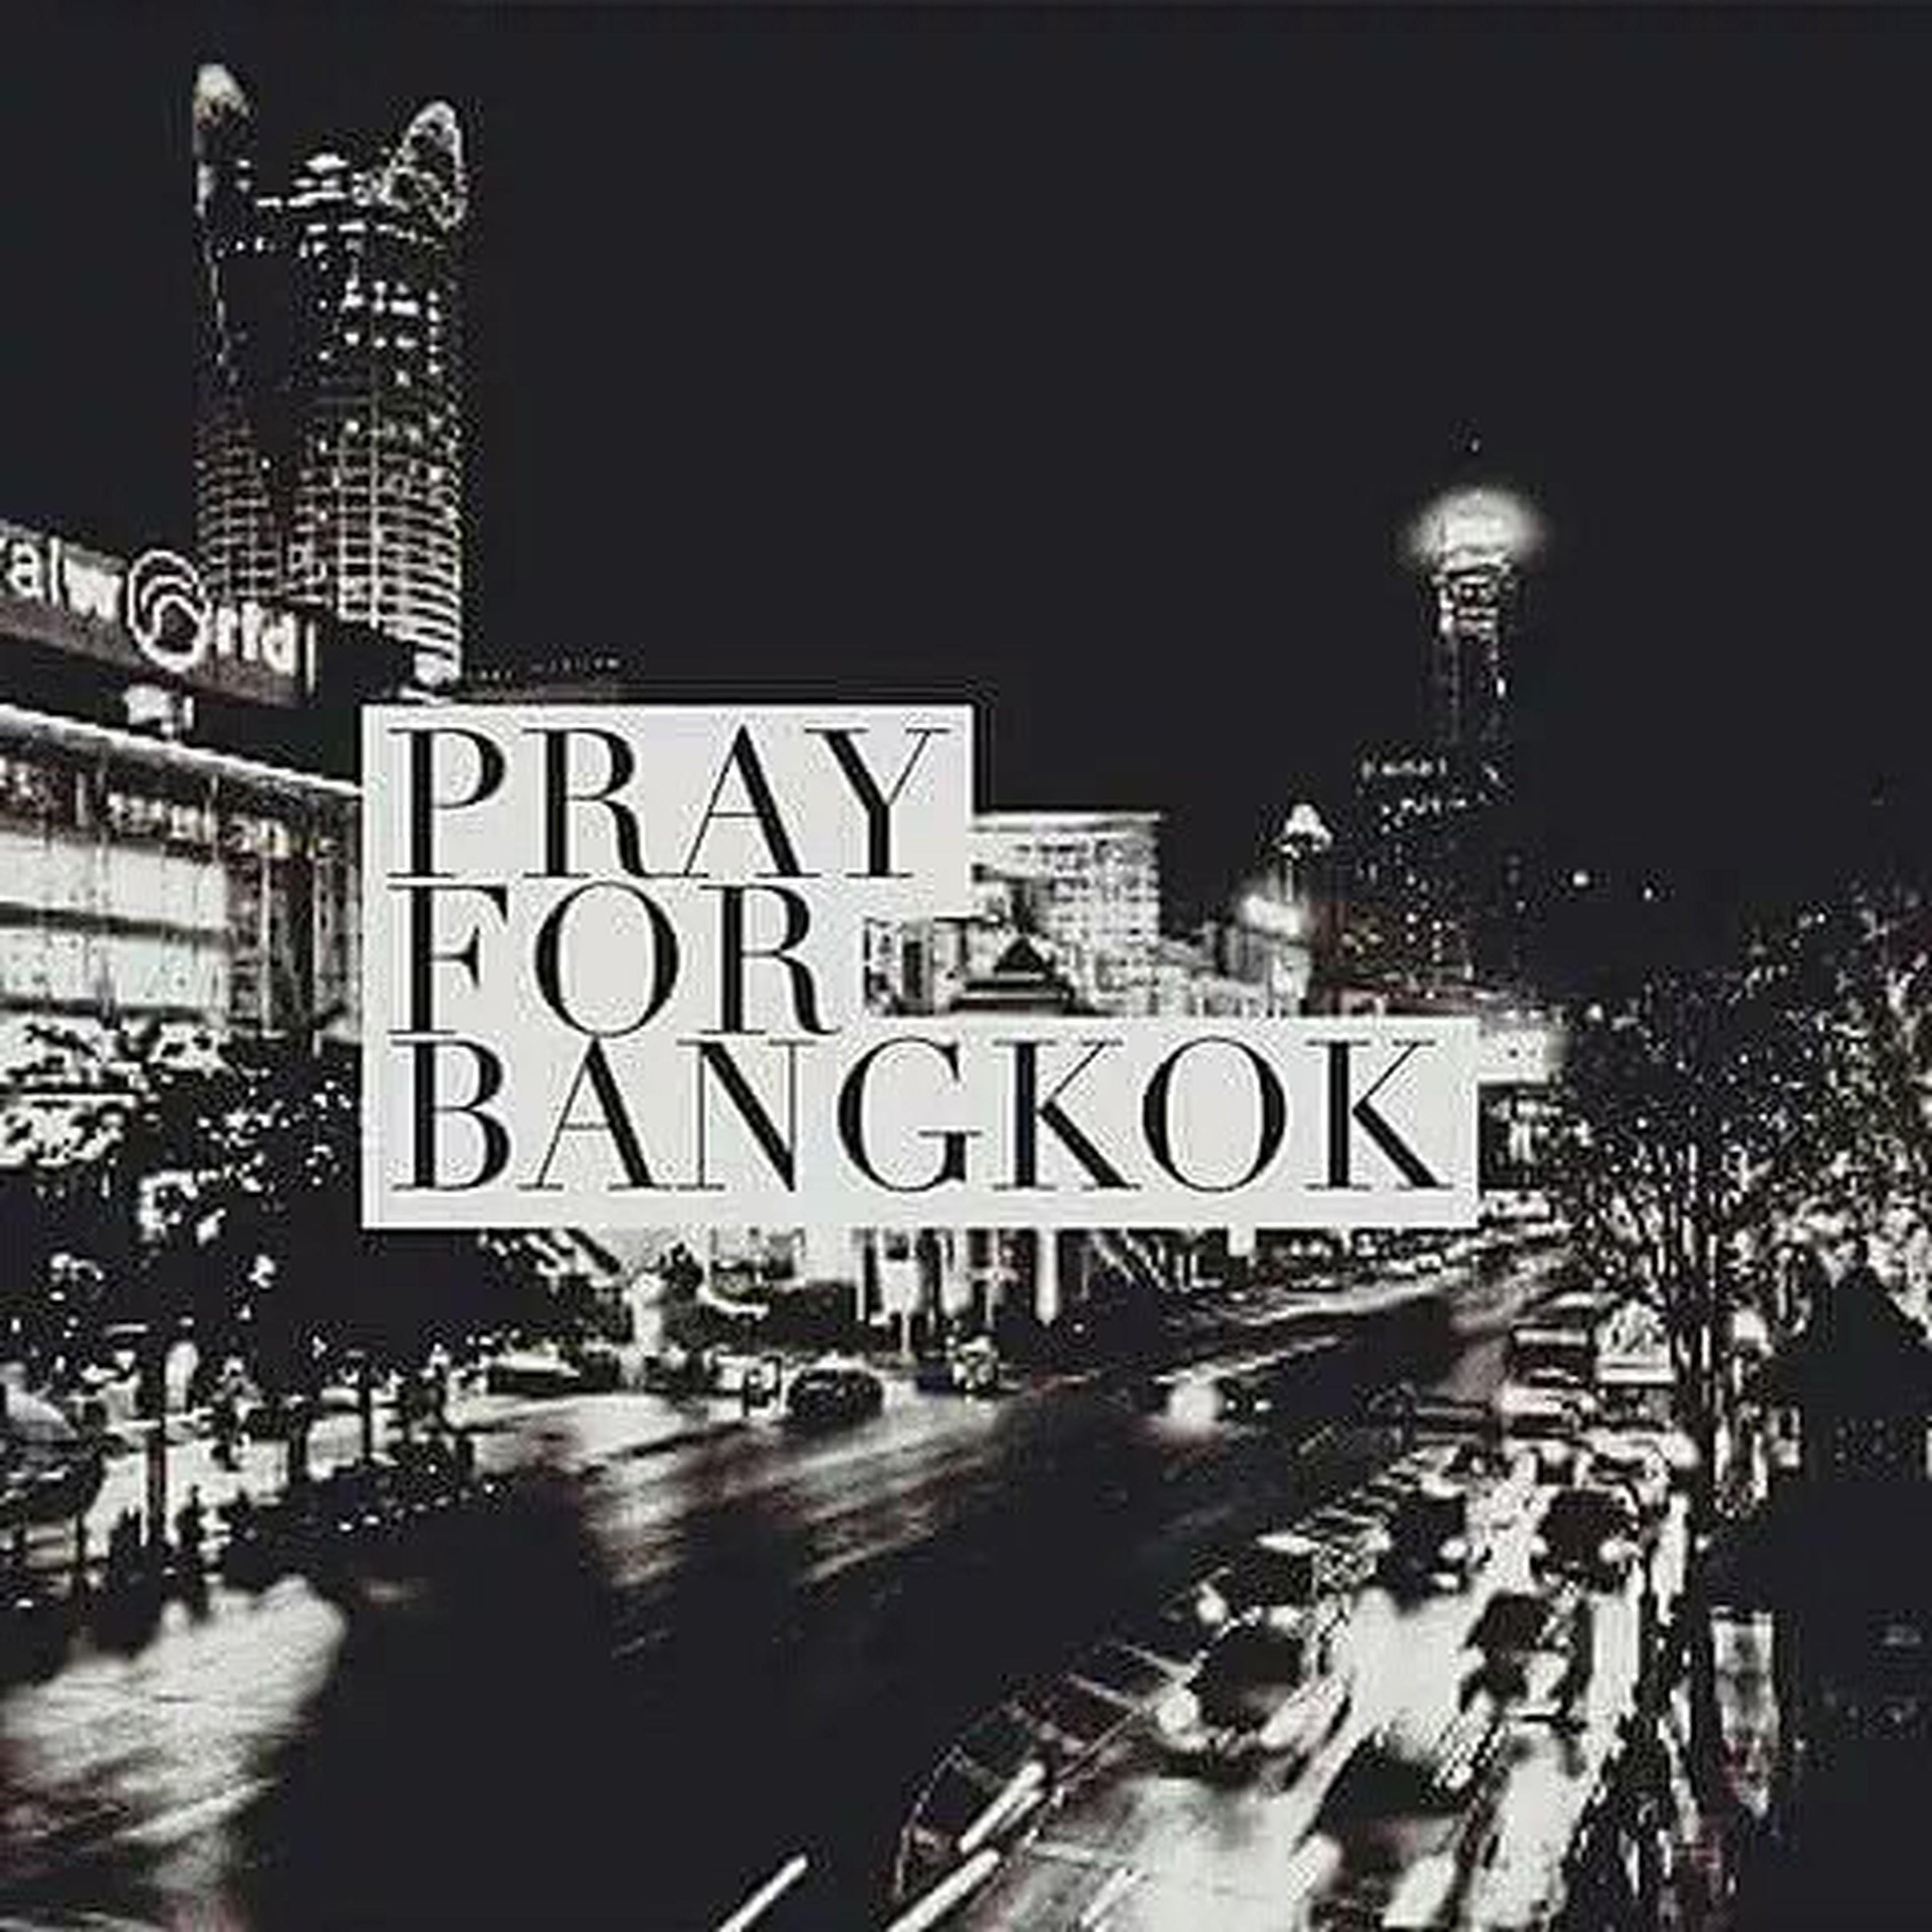 Prayforbankok